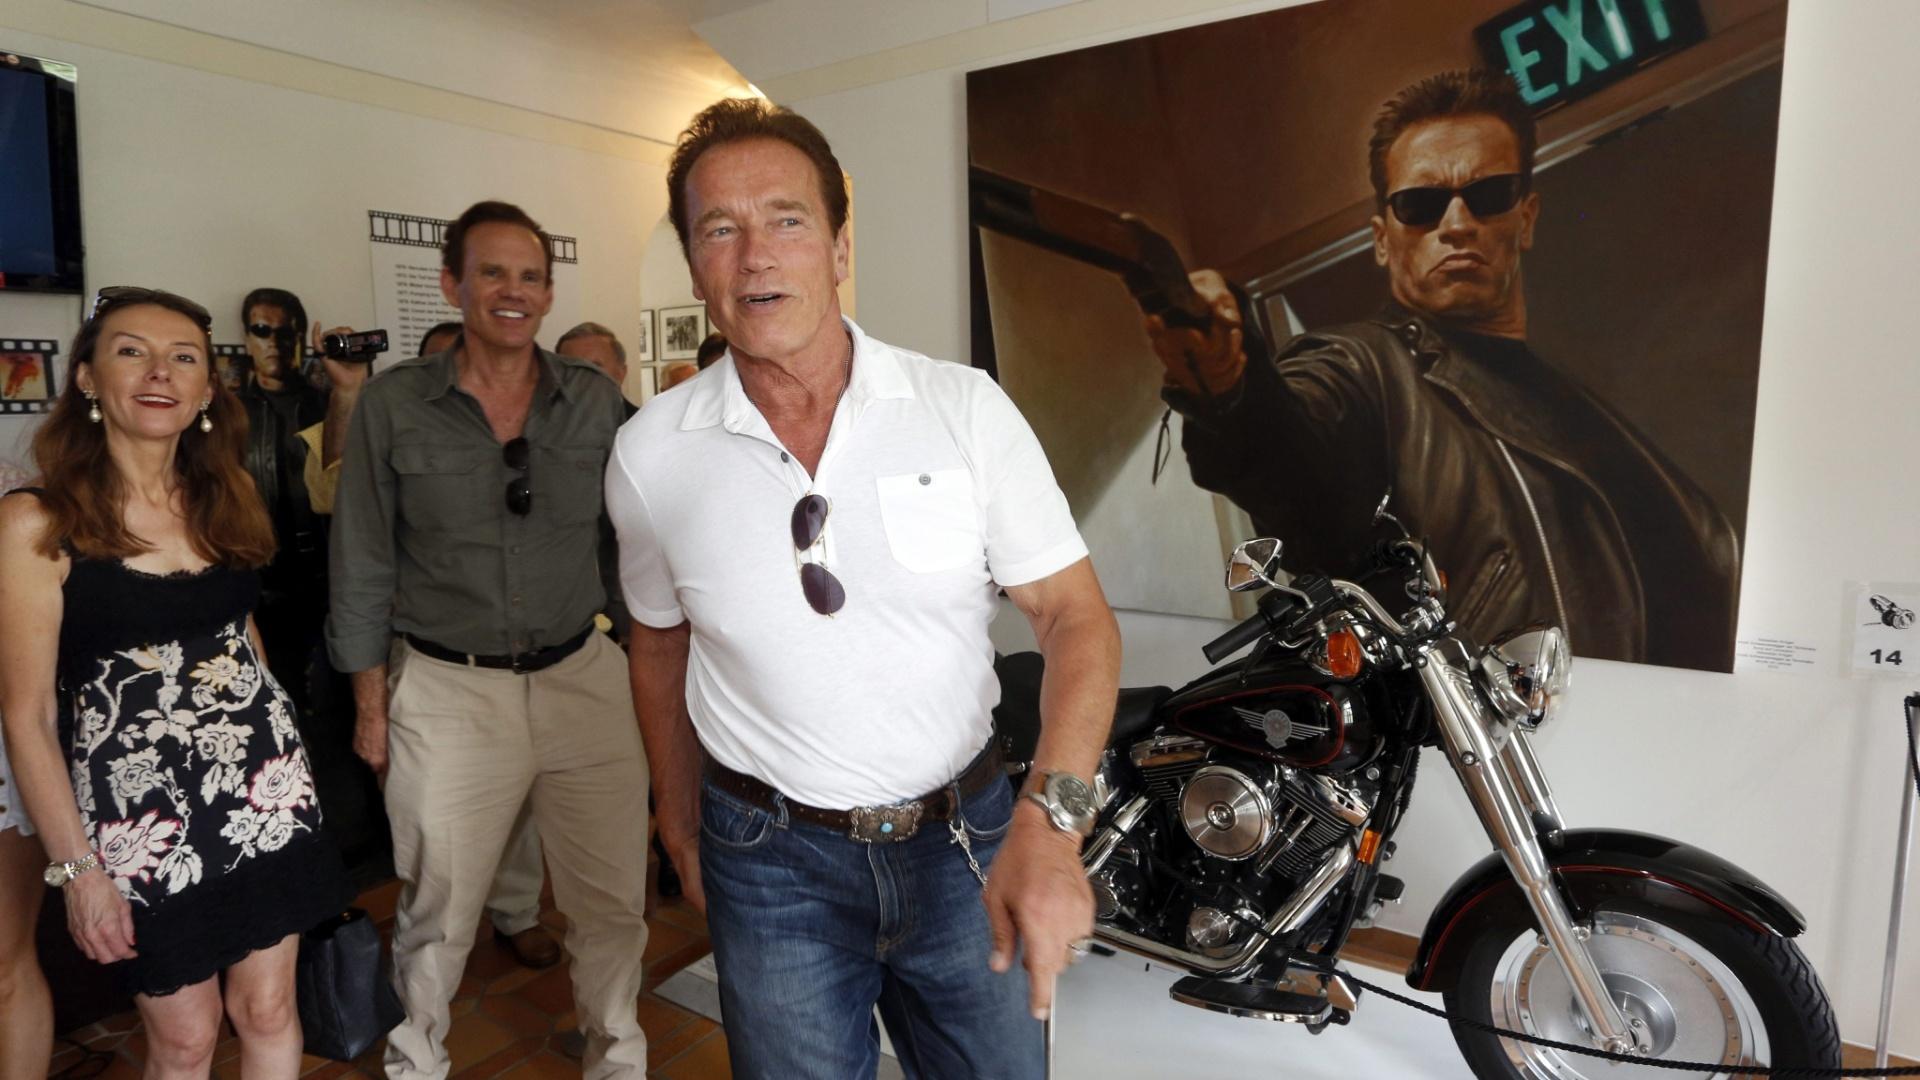 O ator Arnold Schwarzenneger visita museu na Áustria, sua cidade natal, em sua homenagem. Atrás do ator, pôster e moto usada em